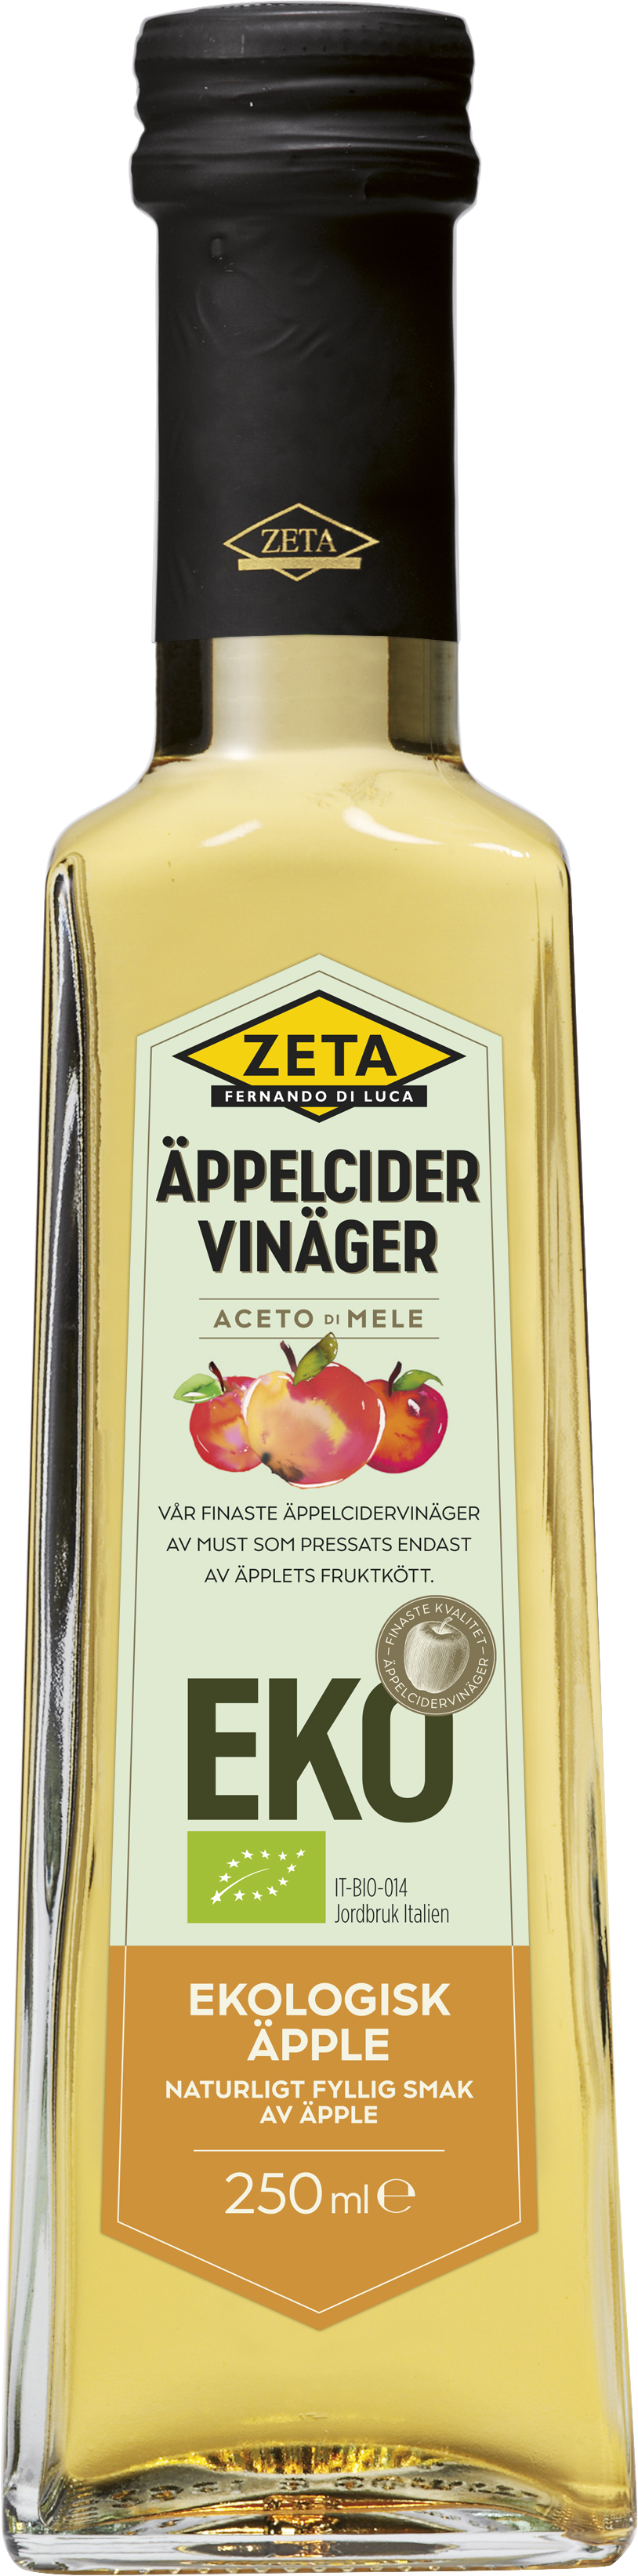 varför ofiltrerad äppelcidervinäger